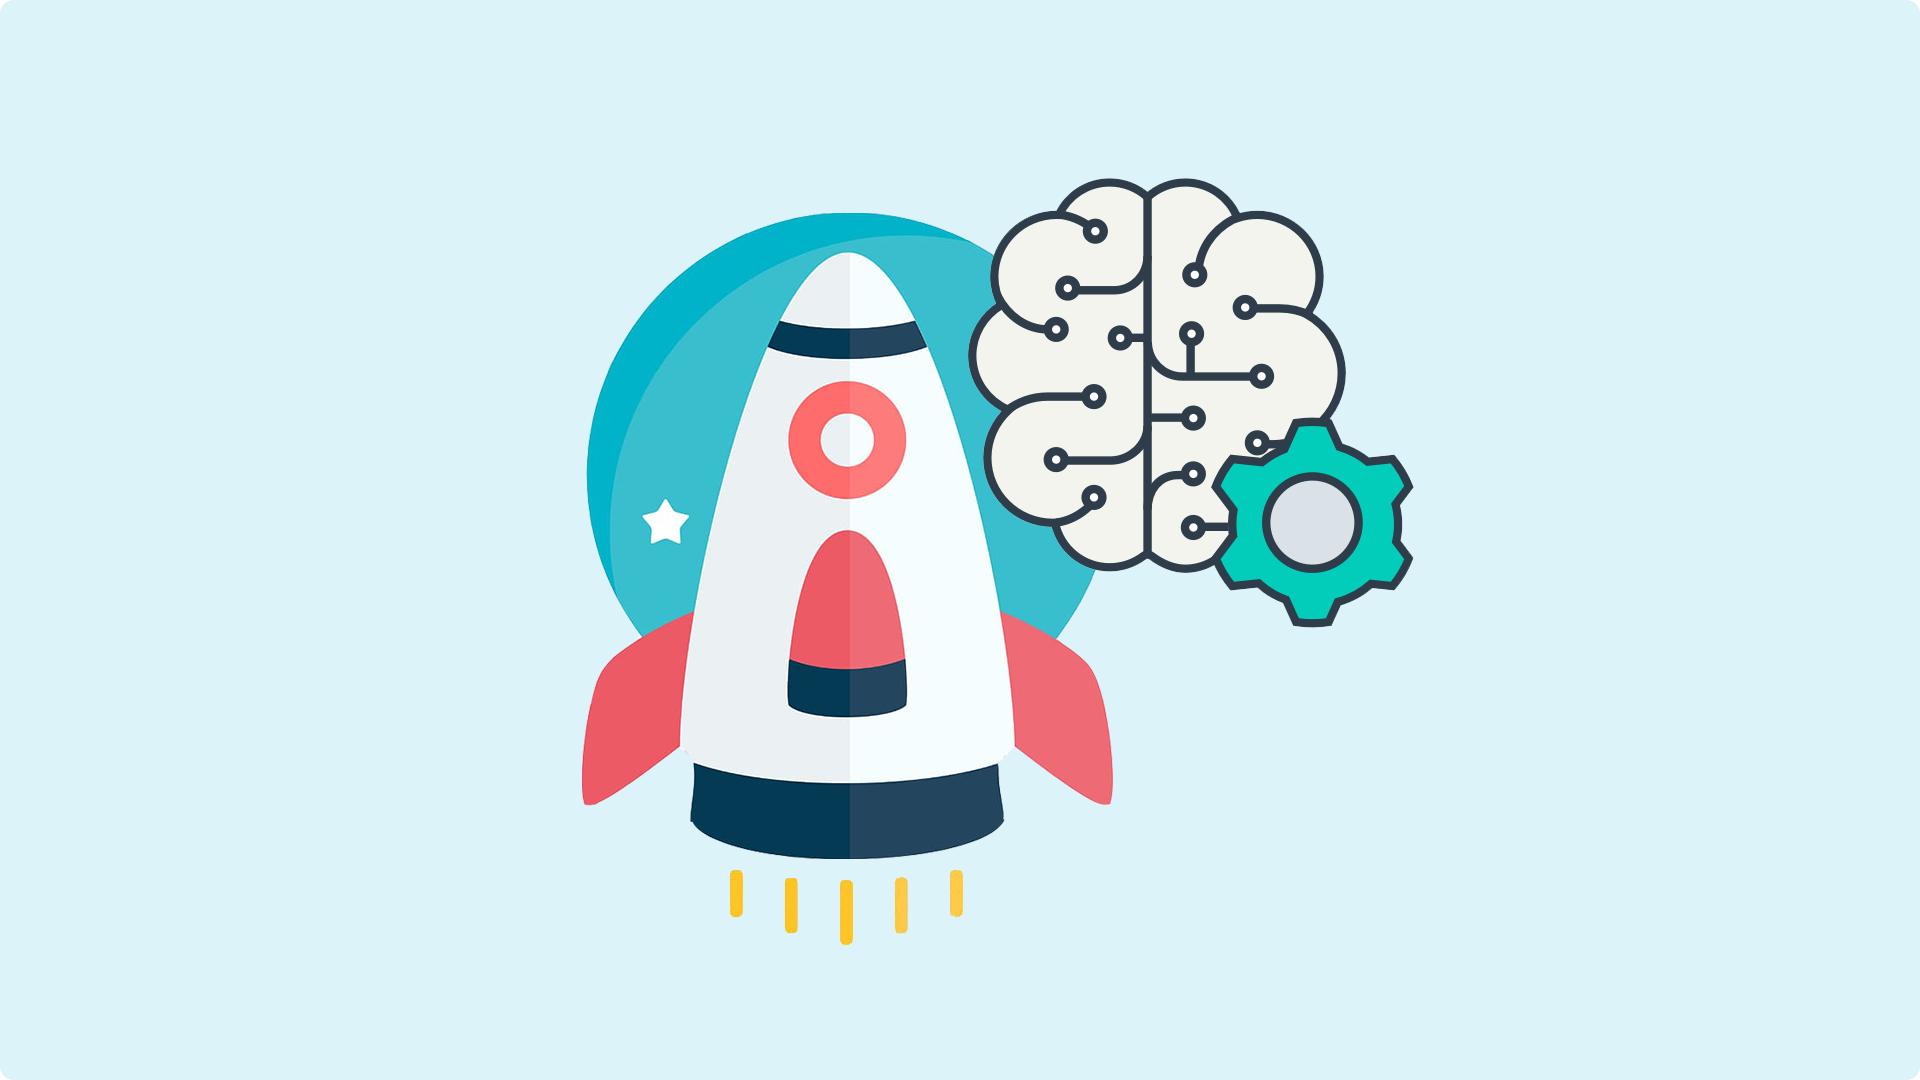 ناسا چگونه از یادگیری ماشین استفاده می کند؟